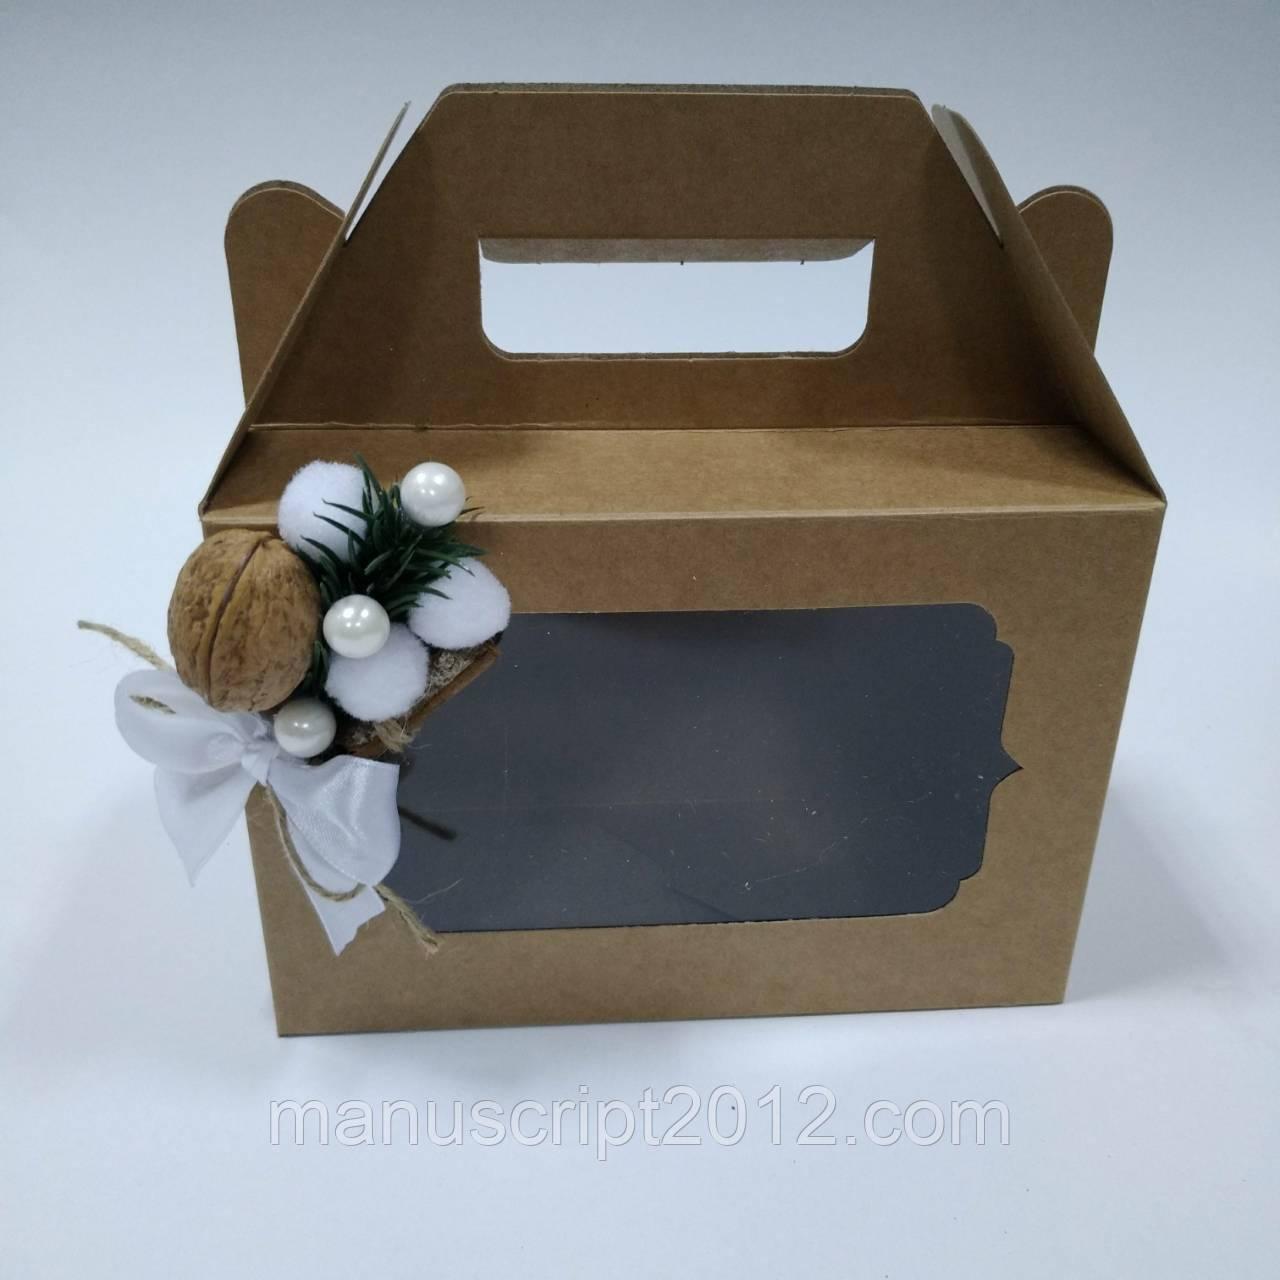 Коробка для подарков с новогодним декором 190х130х90 мм, фото 1